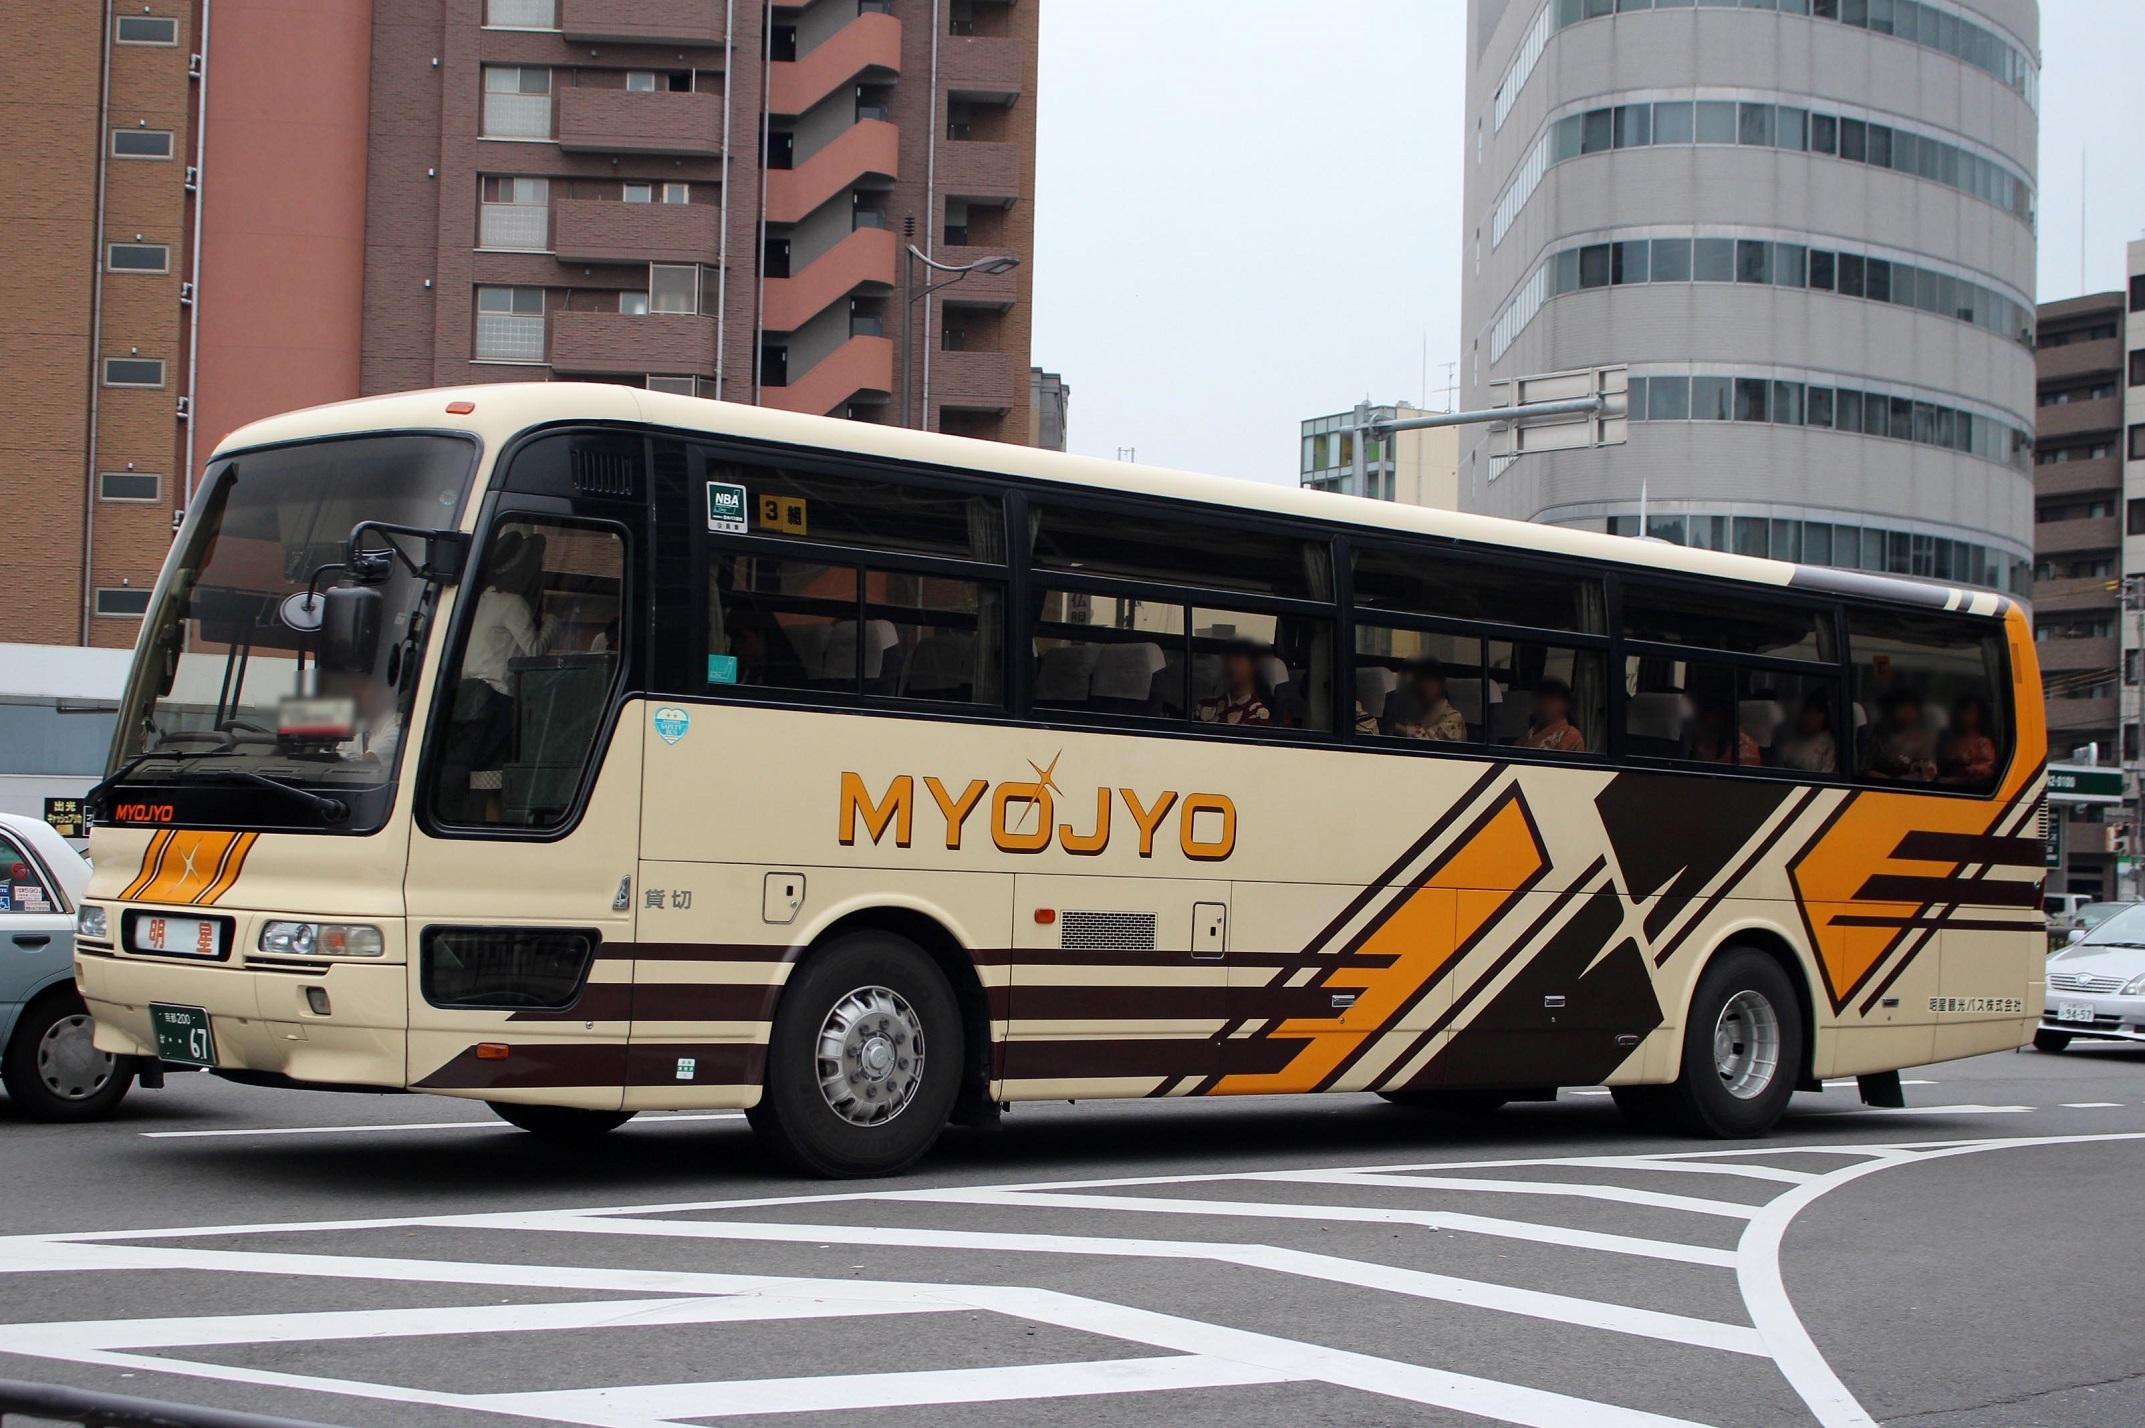 明星観光バス か67